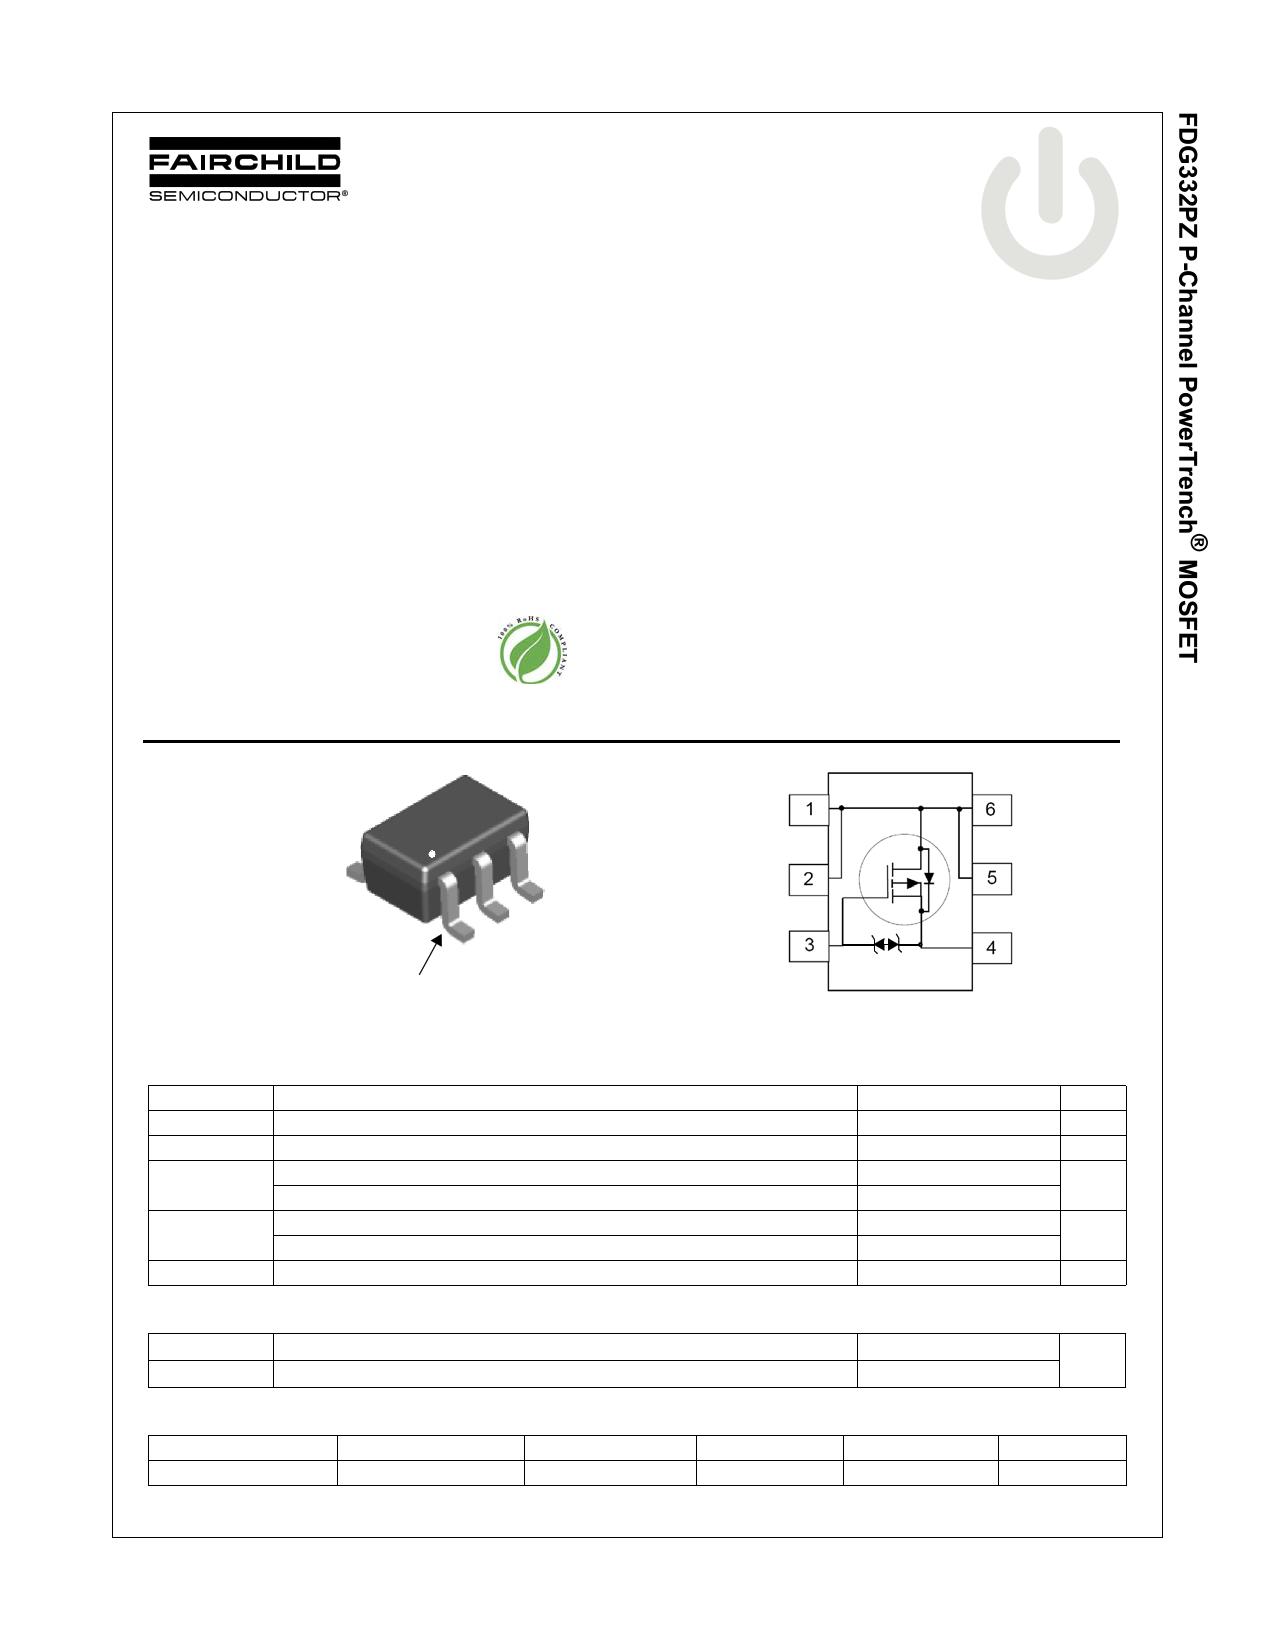 FDG332PZ 데이터시트 및 FDG332PZ PDF